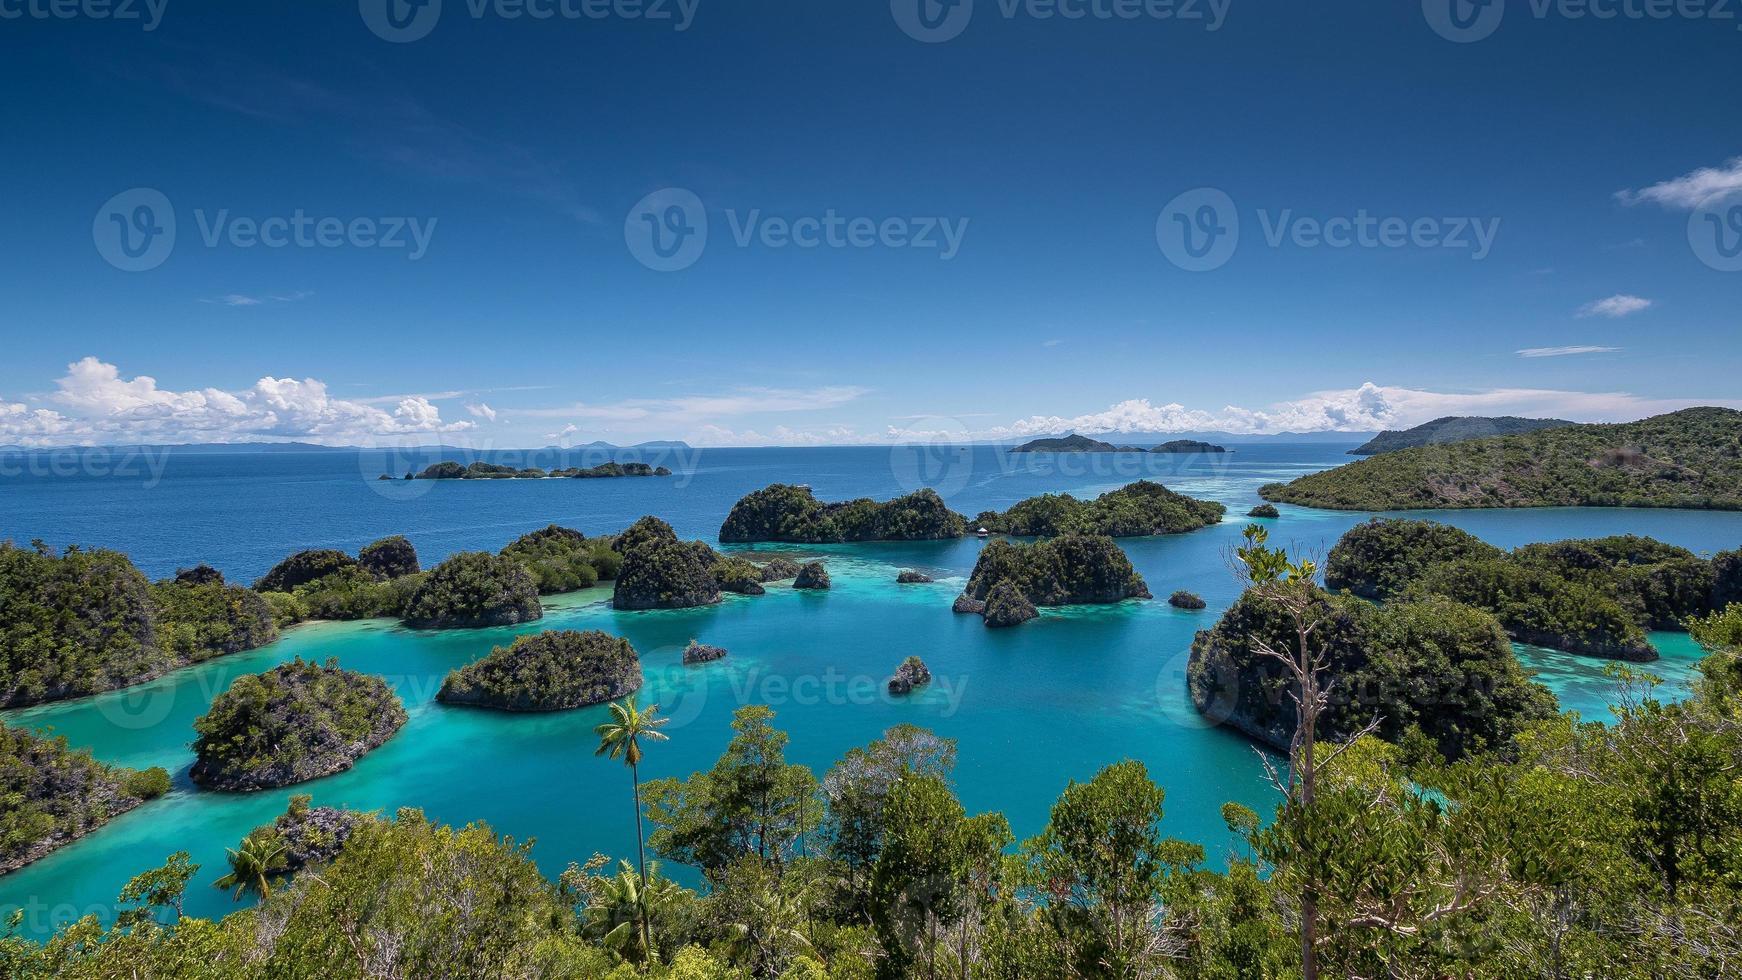 kalkstenö i lagunen, raja ampat, indonesien 01 foto